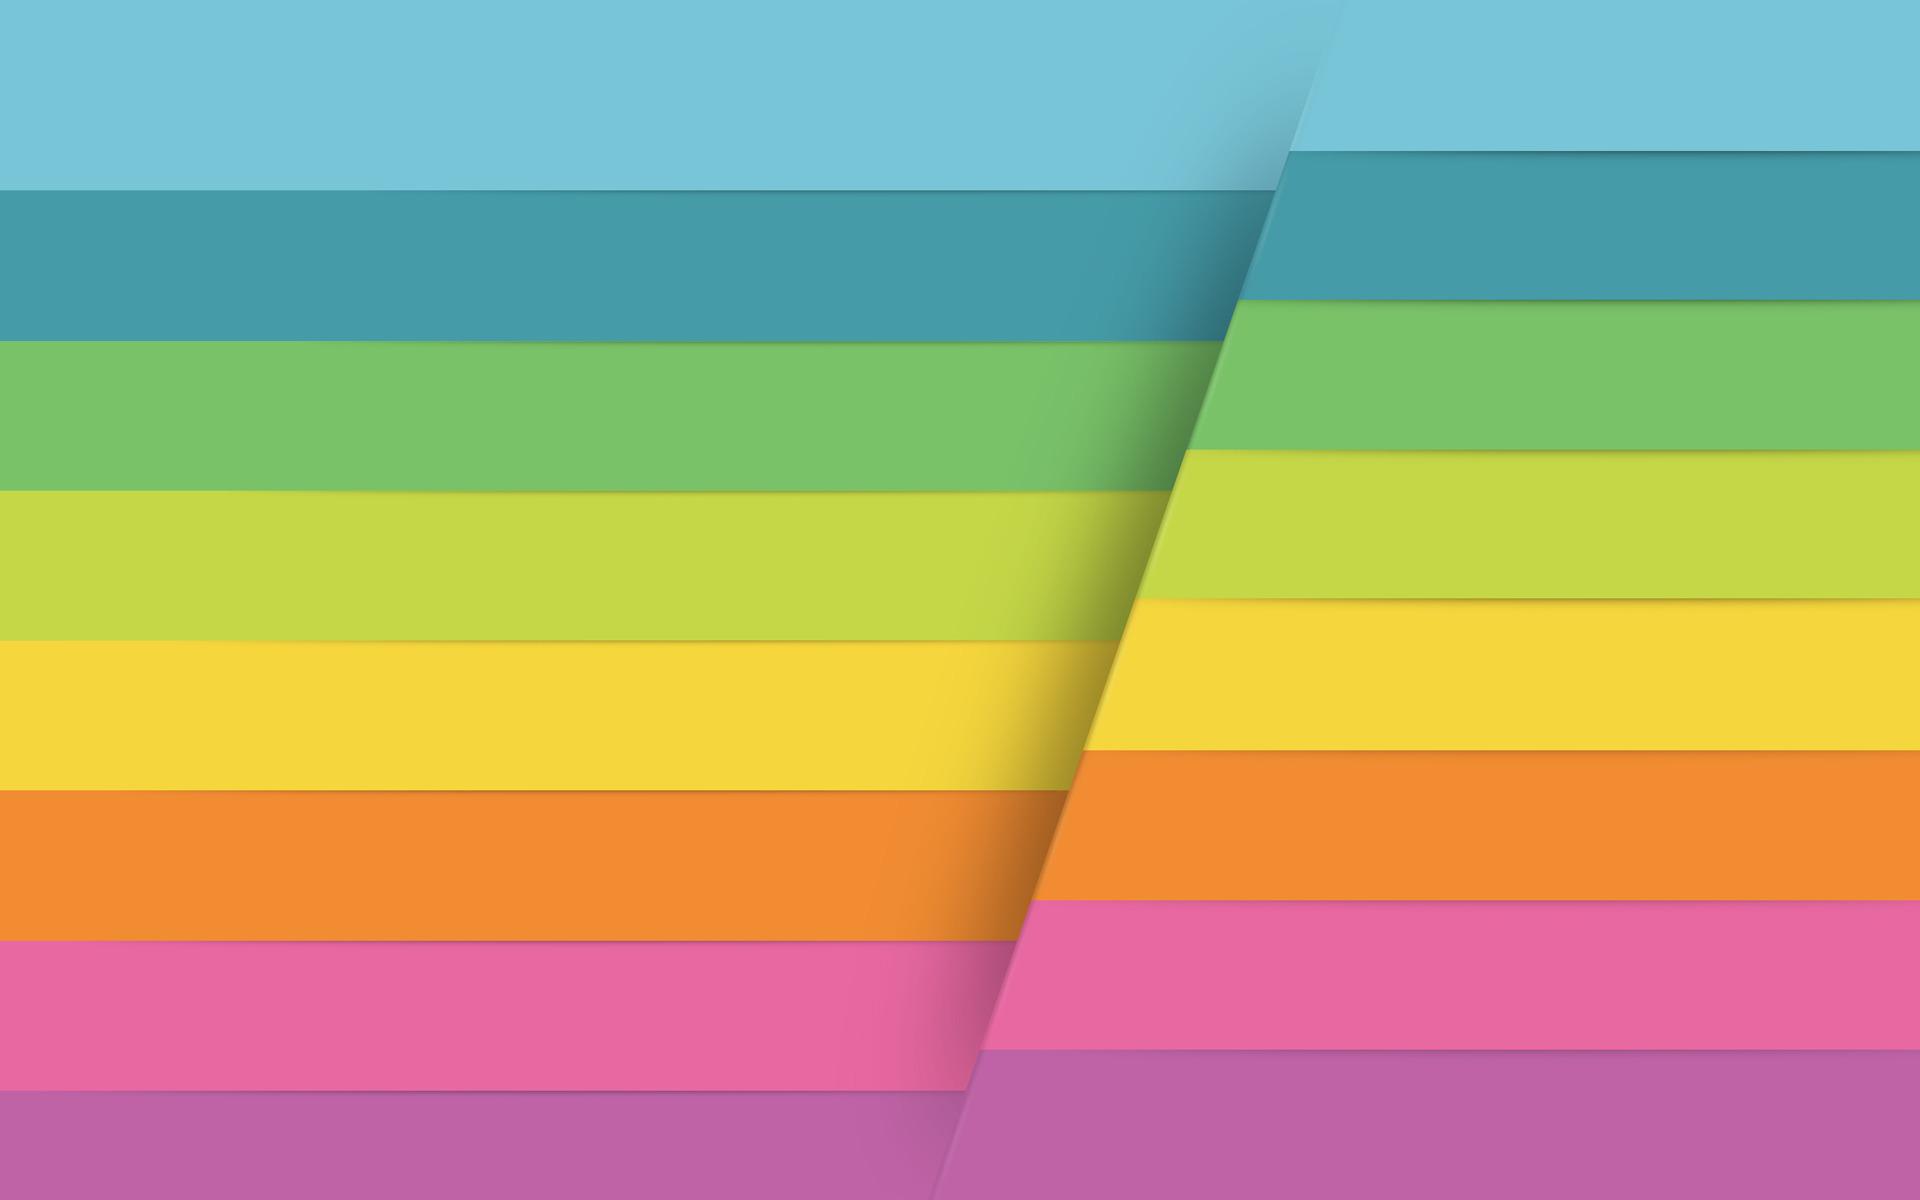 Colorful Horizontal Stripes Wallpaper 8810 1920 x 1200 1920x1200